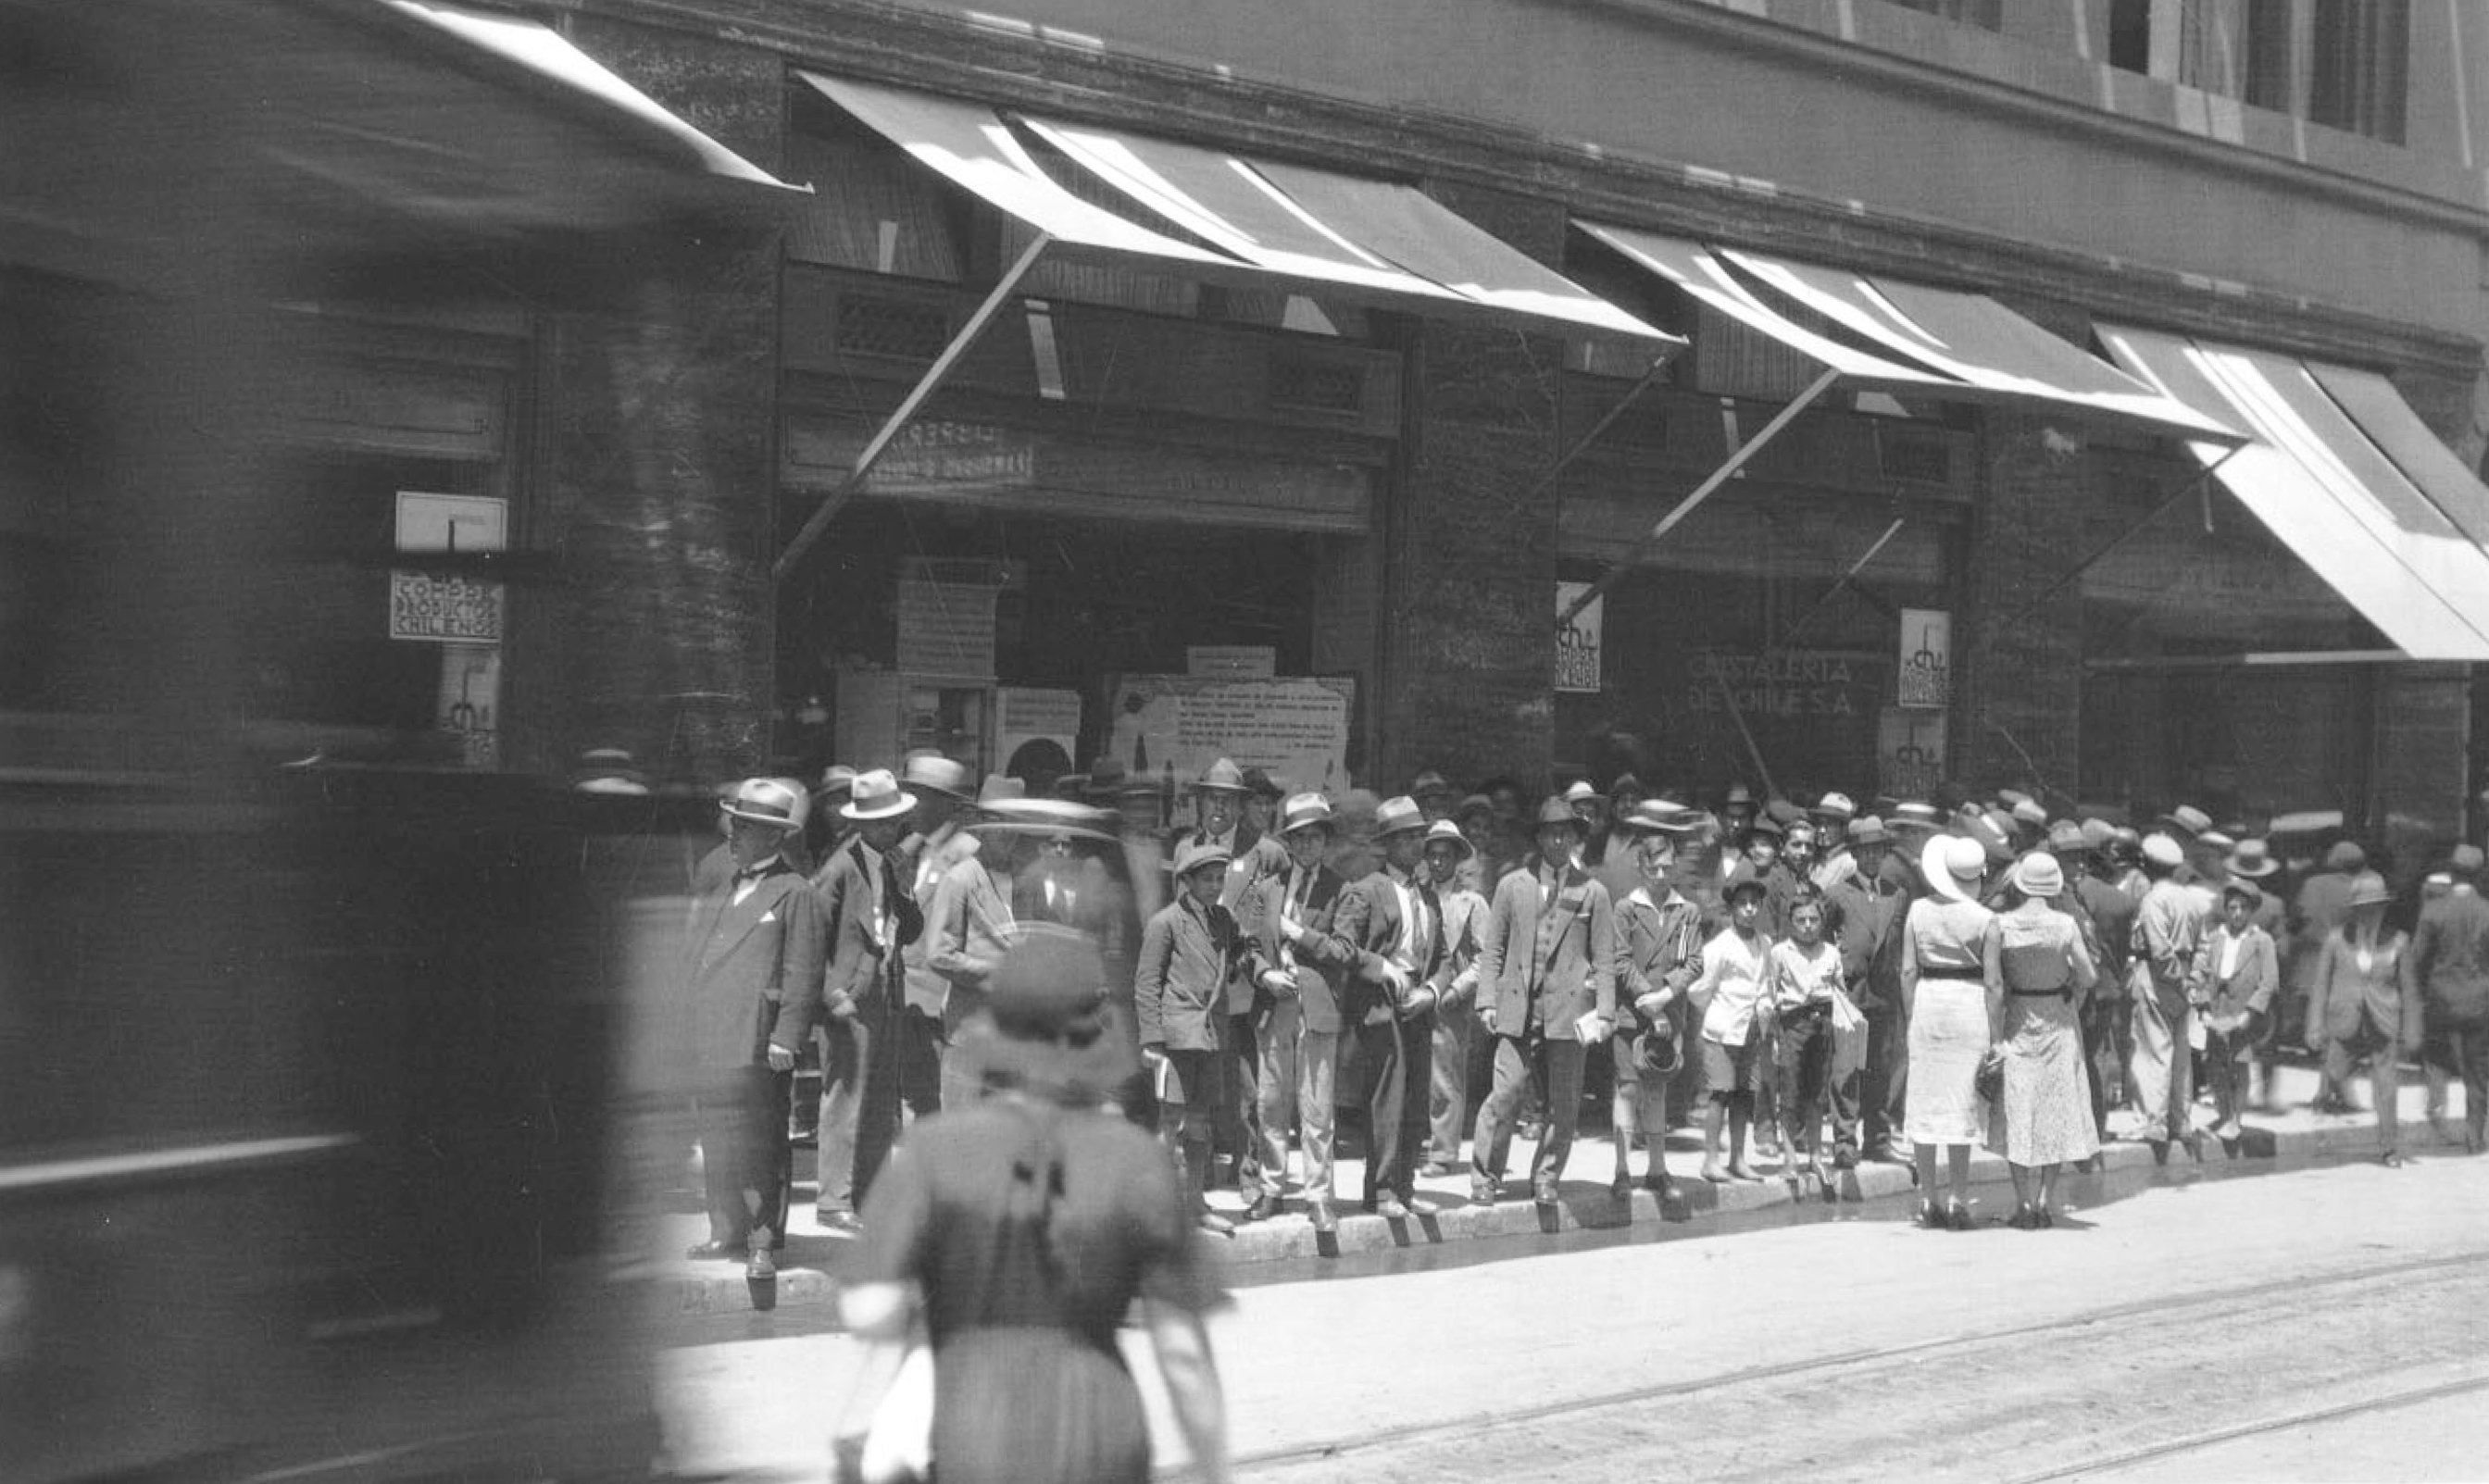 Enterreno - Fotos históricas de chile - fotos antiguas de Chile - Calle Compañía a pasos de Ahumada año 1931